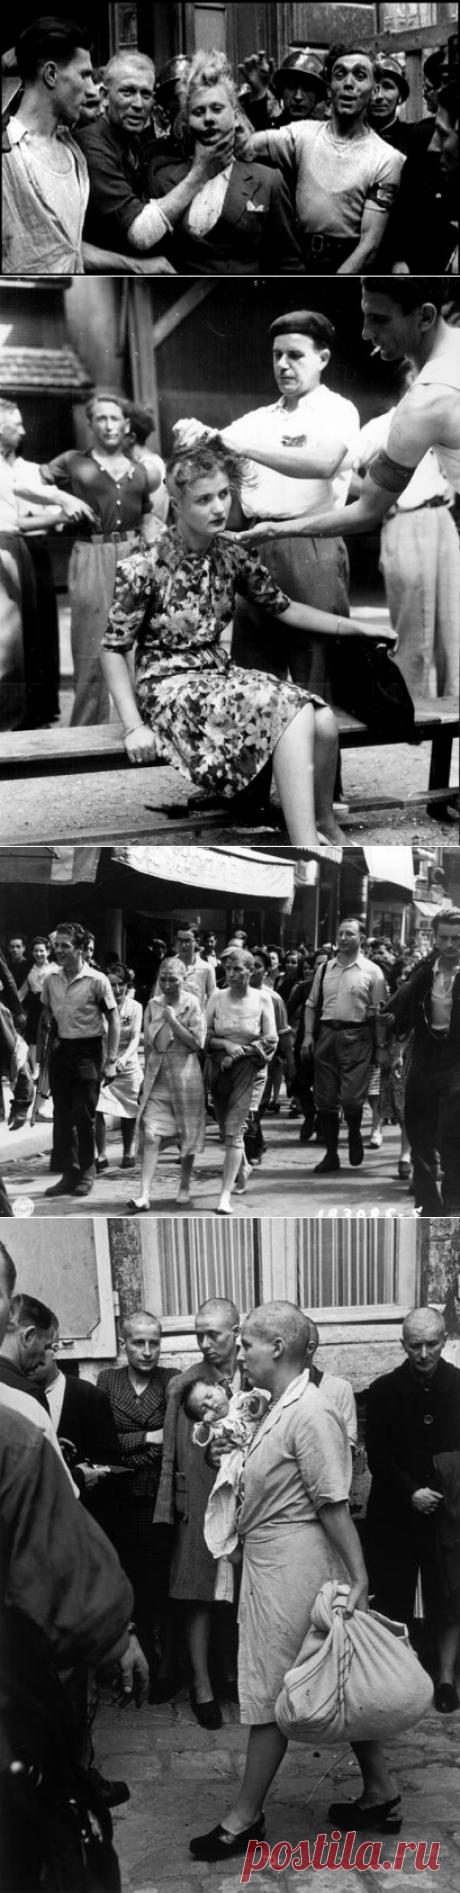 """Наказание для """"немецких подстилок"""". Франция   Военная история   Яндекс Дзен  После окончания Второй мировой войны на территории европейских государств осталось проживать значительное число женщин, состоявших в интимных отношениях с гитлеровцами.  Их презрительно именовали """"немецкими подстилками"""" и преследовали по всей Европе. Франция не стала исключением. Всю злость за немецкую оккупацию французы выплеснули на этих женщин."""